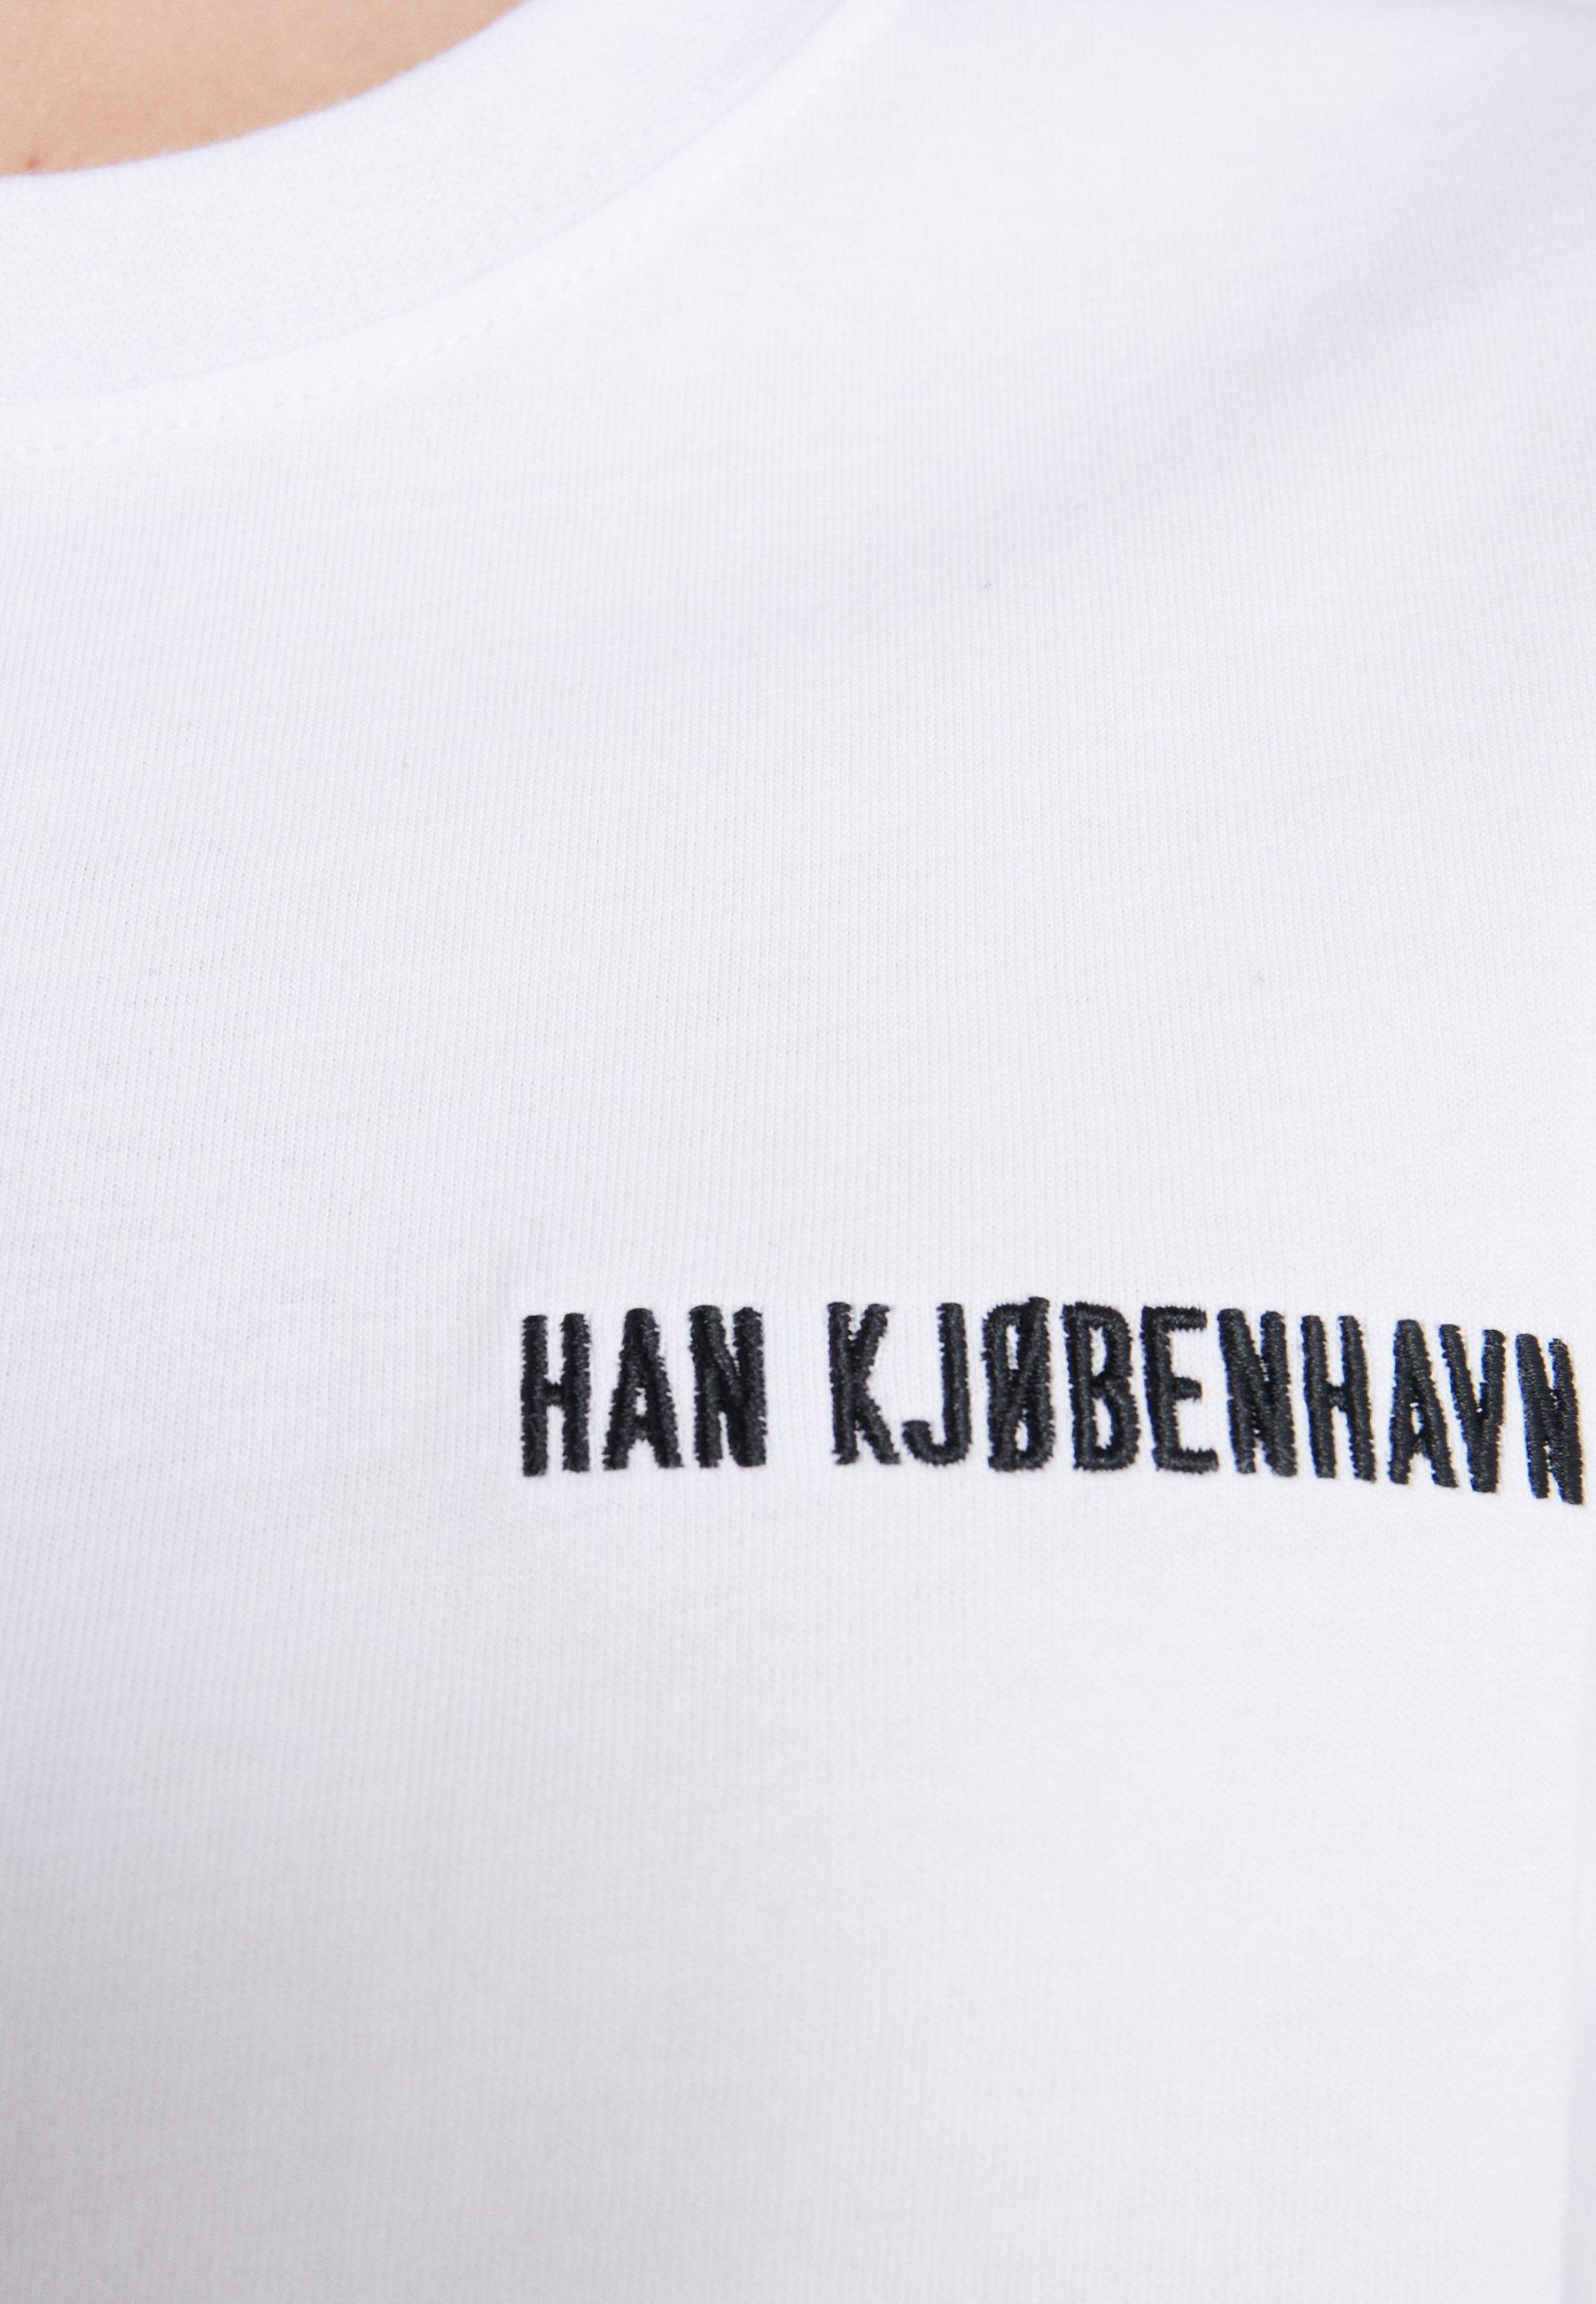 Han Kjobenhavn Casual Tee - T-shirts White/hvit